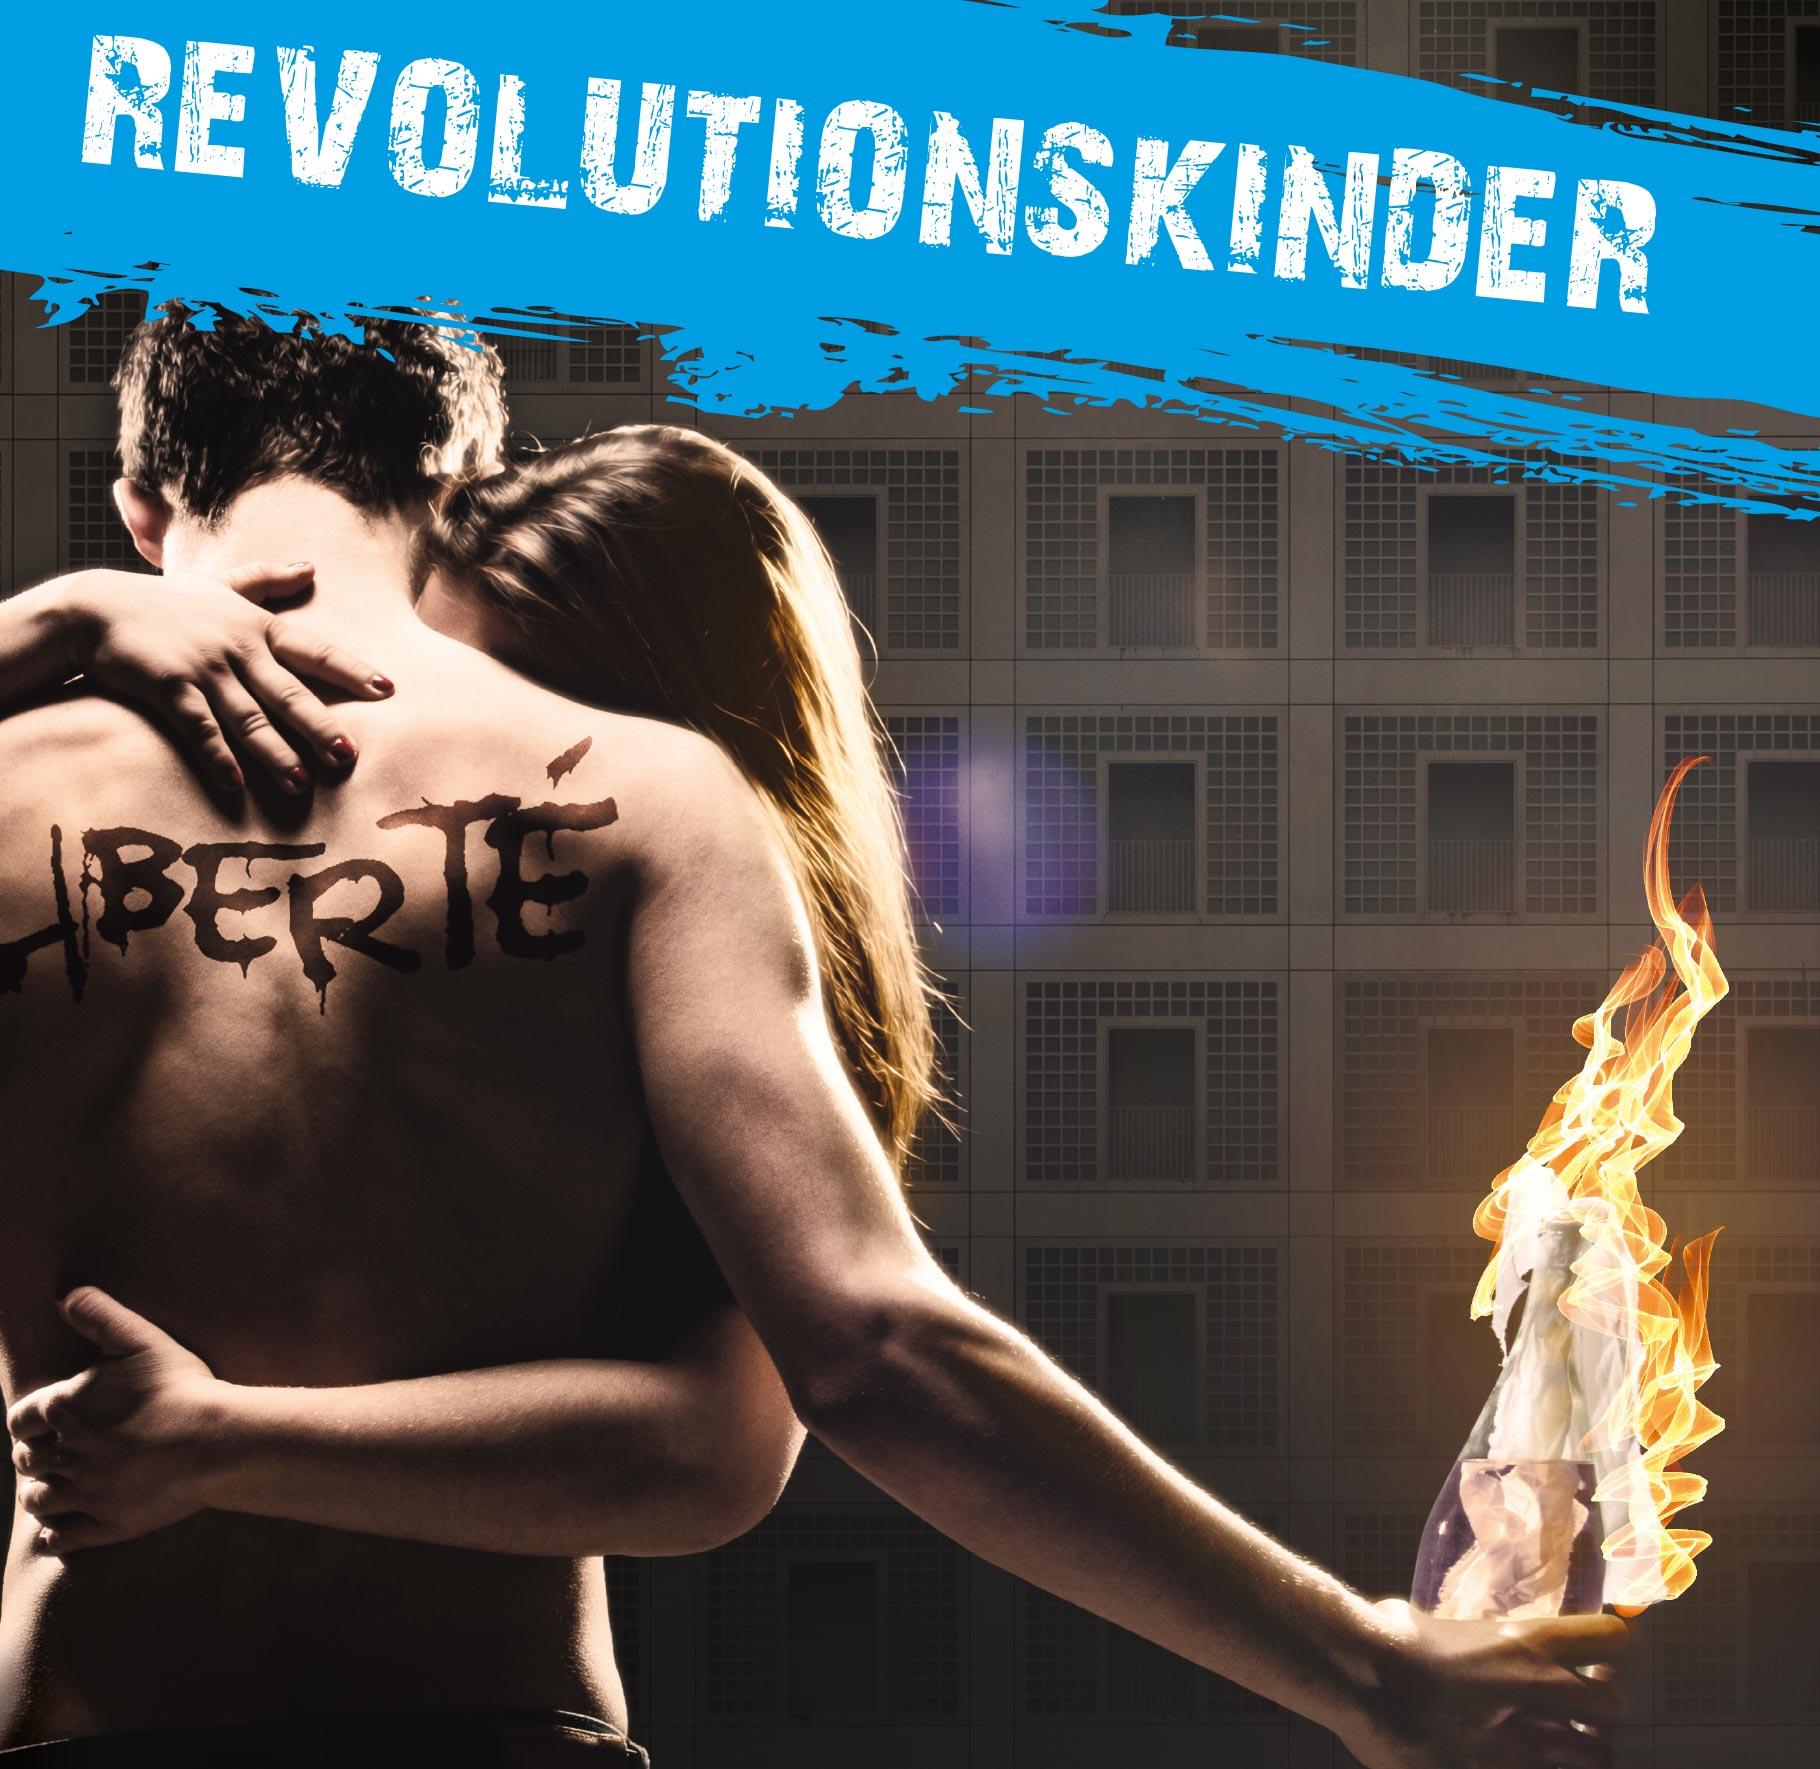 Visual zu 'Revolutionskinder': Ein junges Paar umarmt sich. Auf dem nackten Rücken des Mannes, der einen brennenden Molotow-Cocktail in der Hand hält, steht 'Liberté' geschrieben.